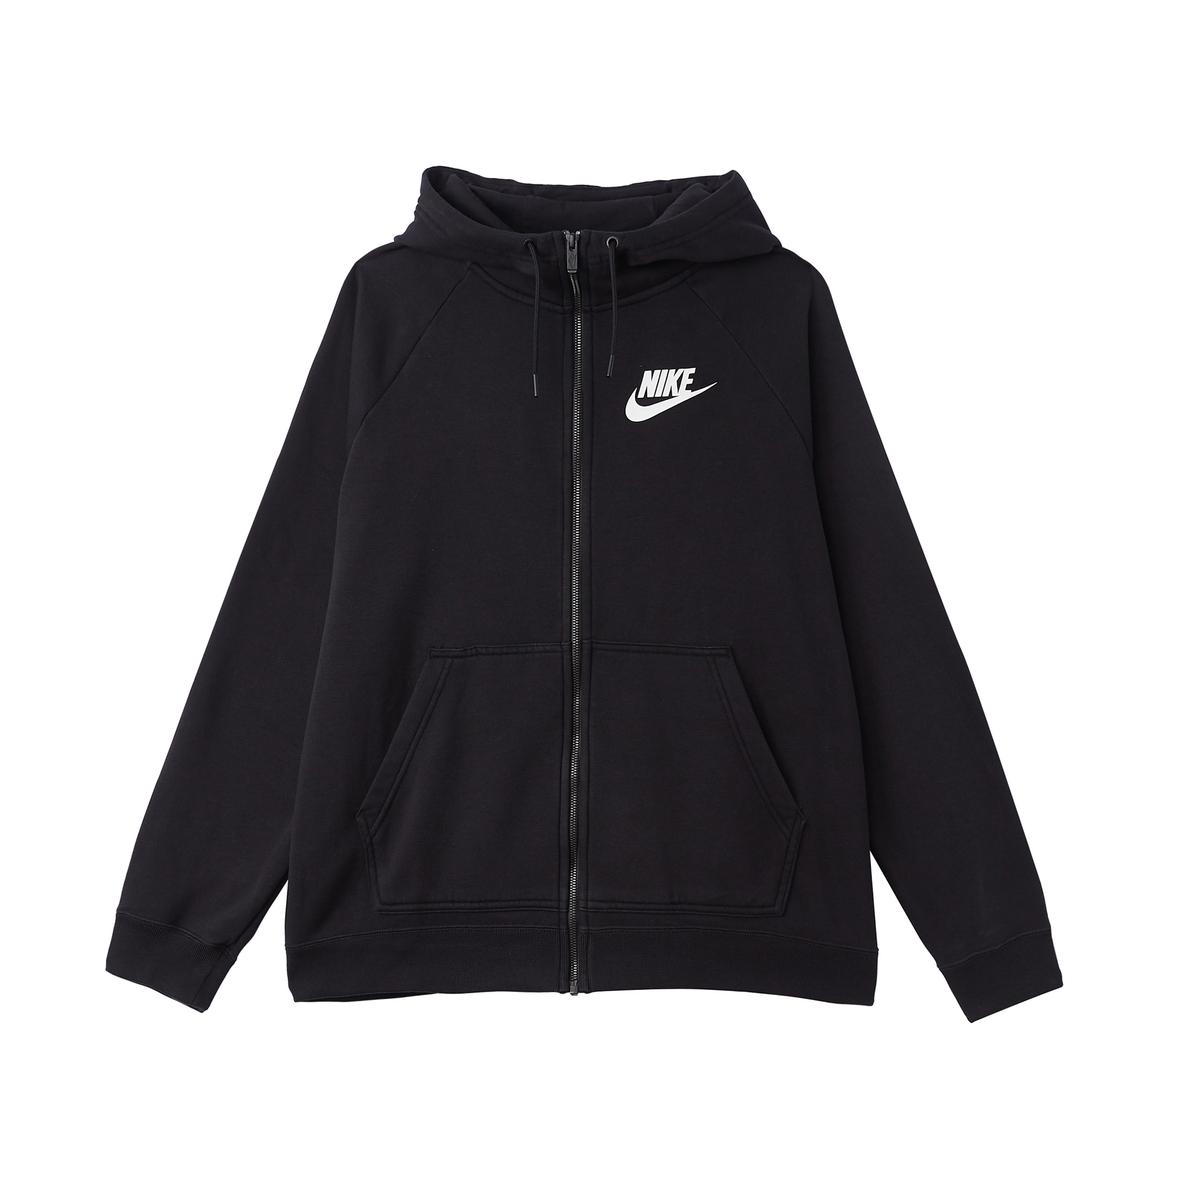 Imagen adicional de producto de Sudadera con capucha - Nike